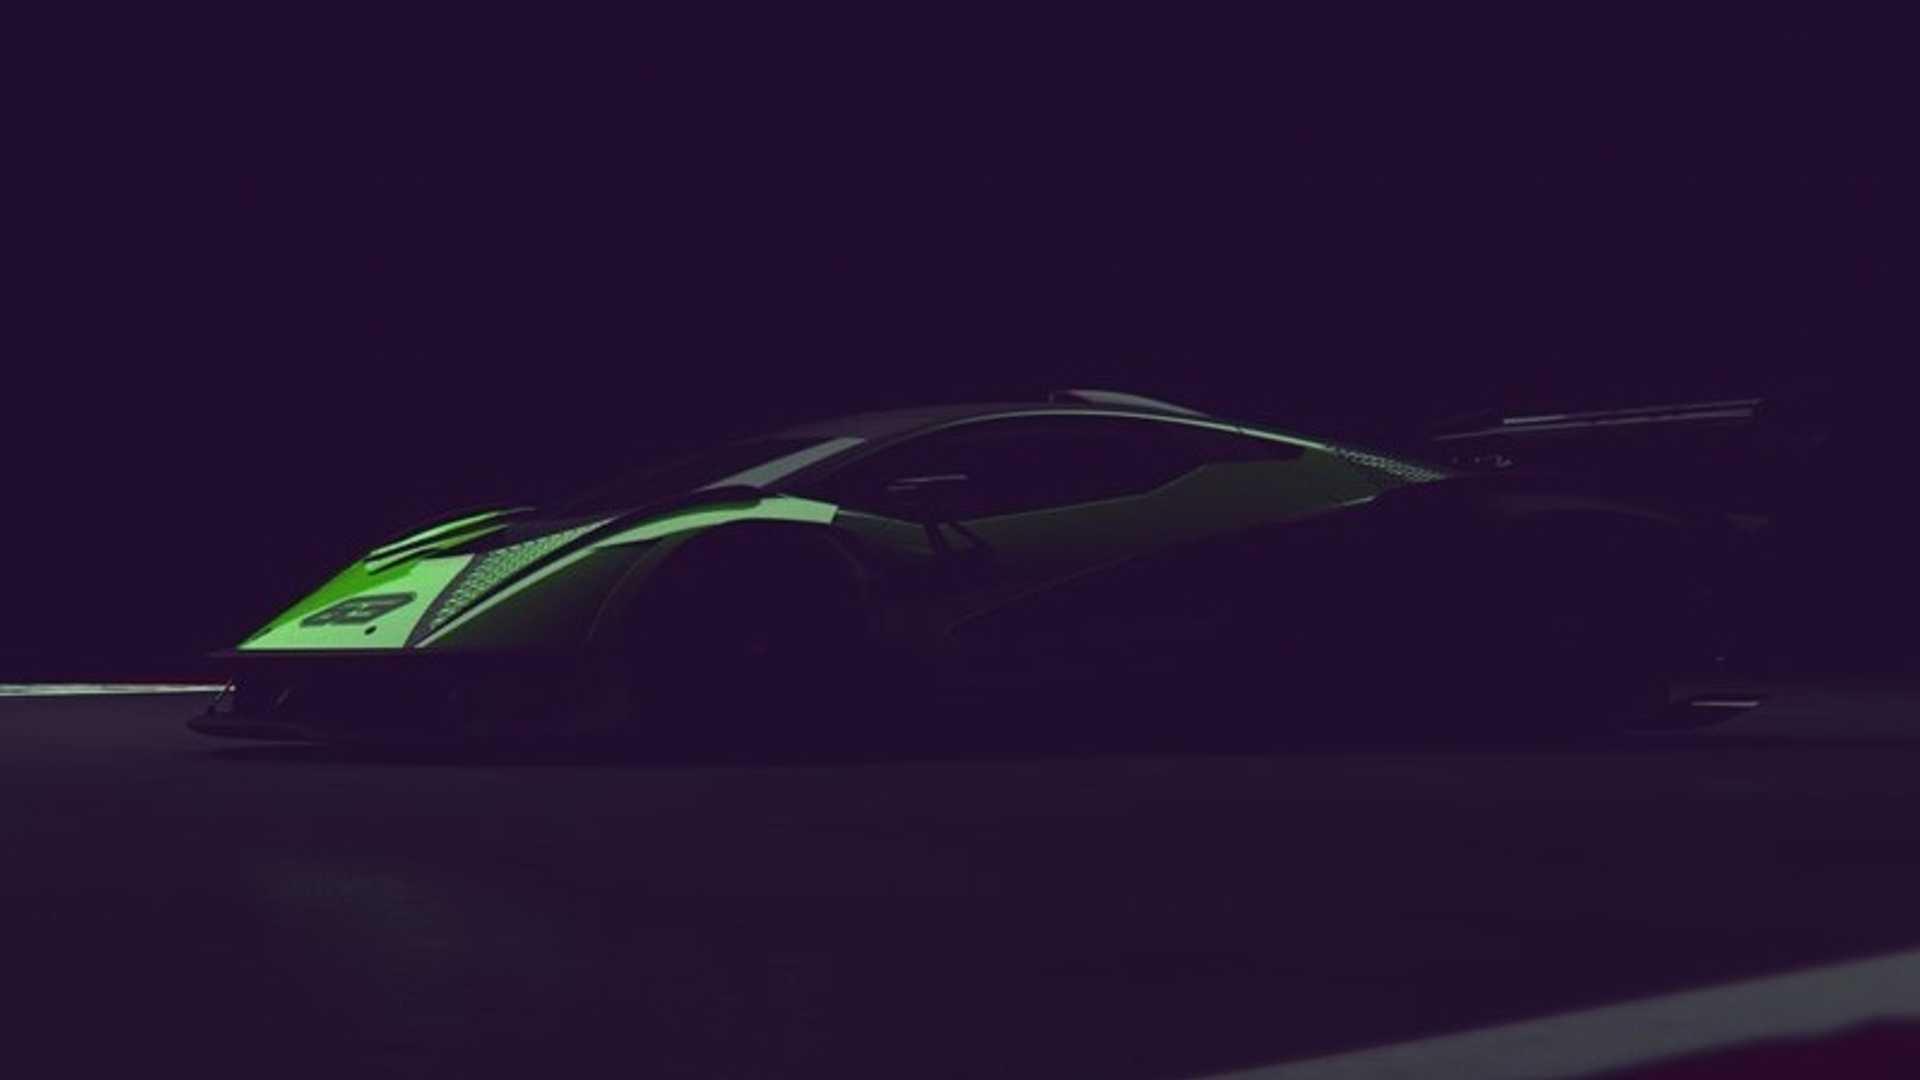 最大功率超830匹 兰博基尼新车型预揭发布